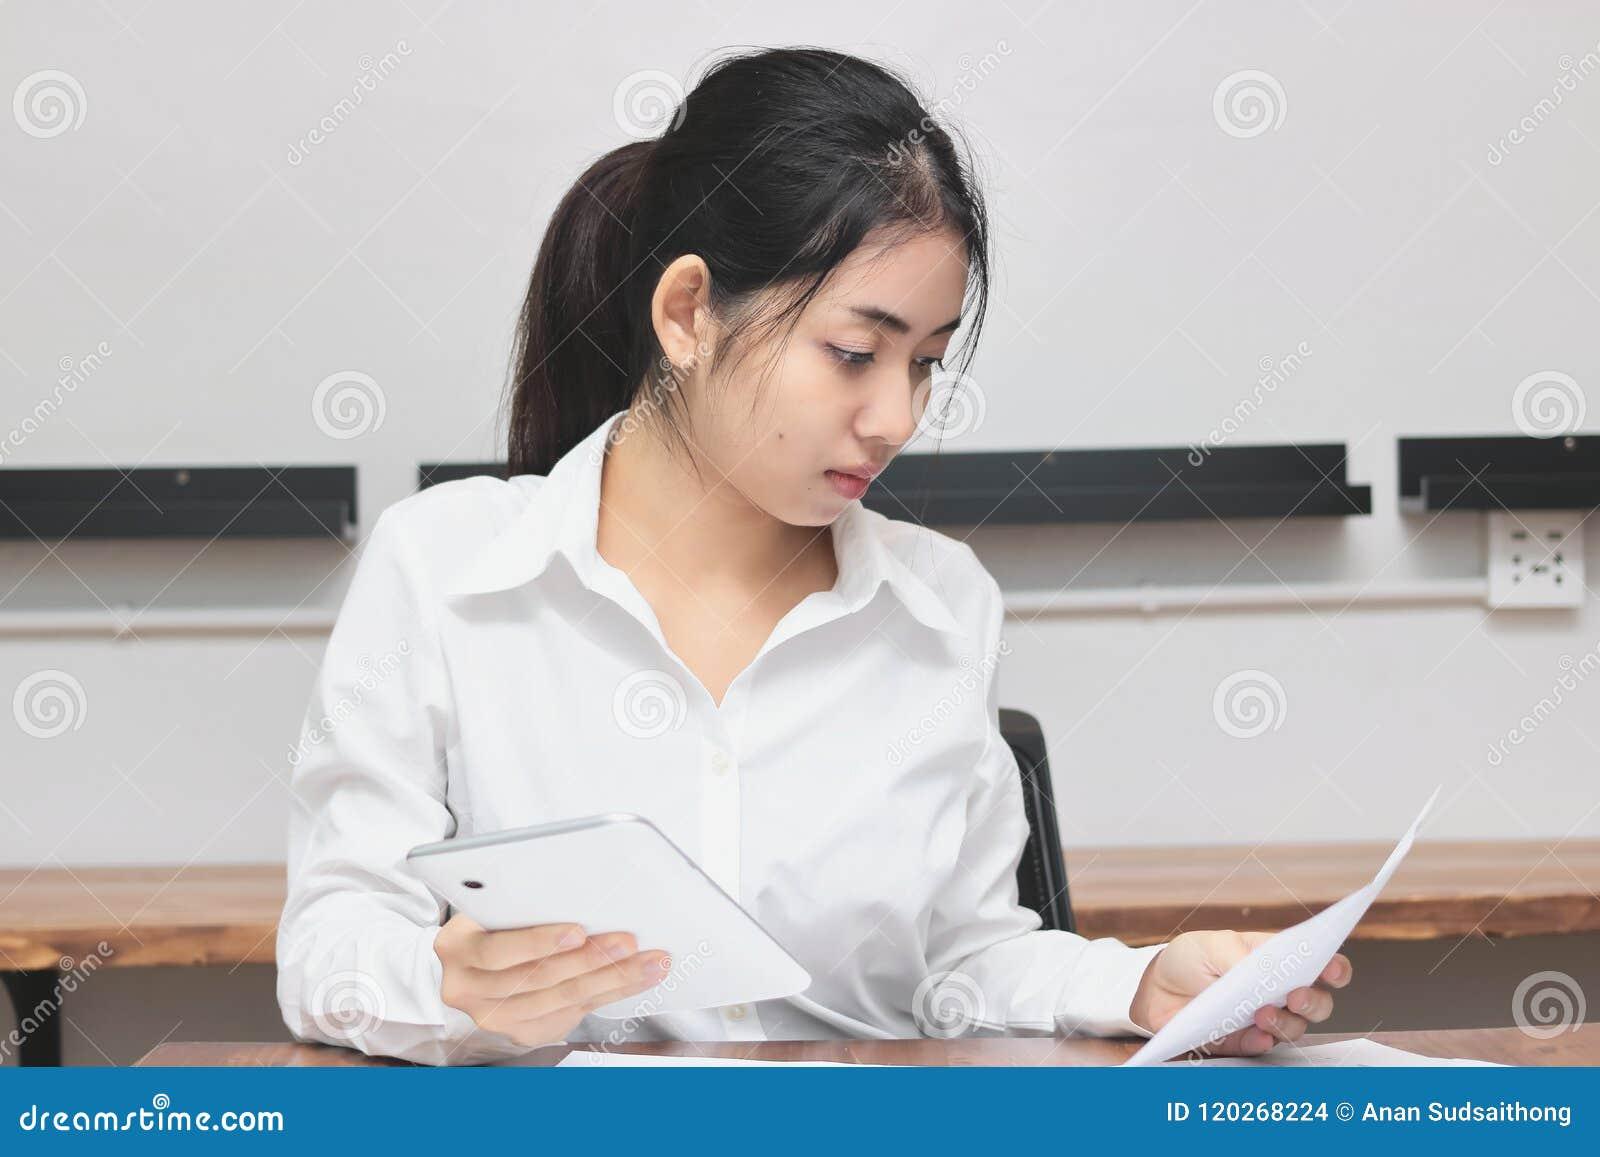 Ελκυστική νέα ασιατική επιχειρηματίας που εργάζεται στον εργασιακό χώρο στην αρχή Σκέψη και στοχαστική επιχειρησιακή έννοια